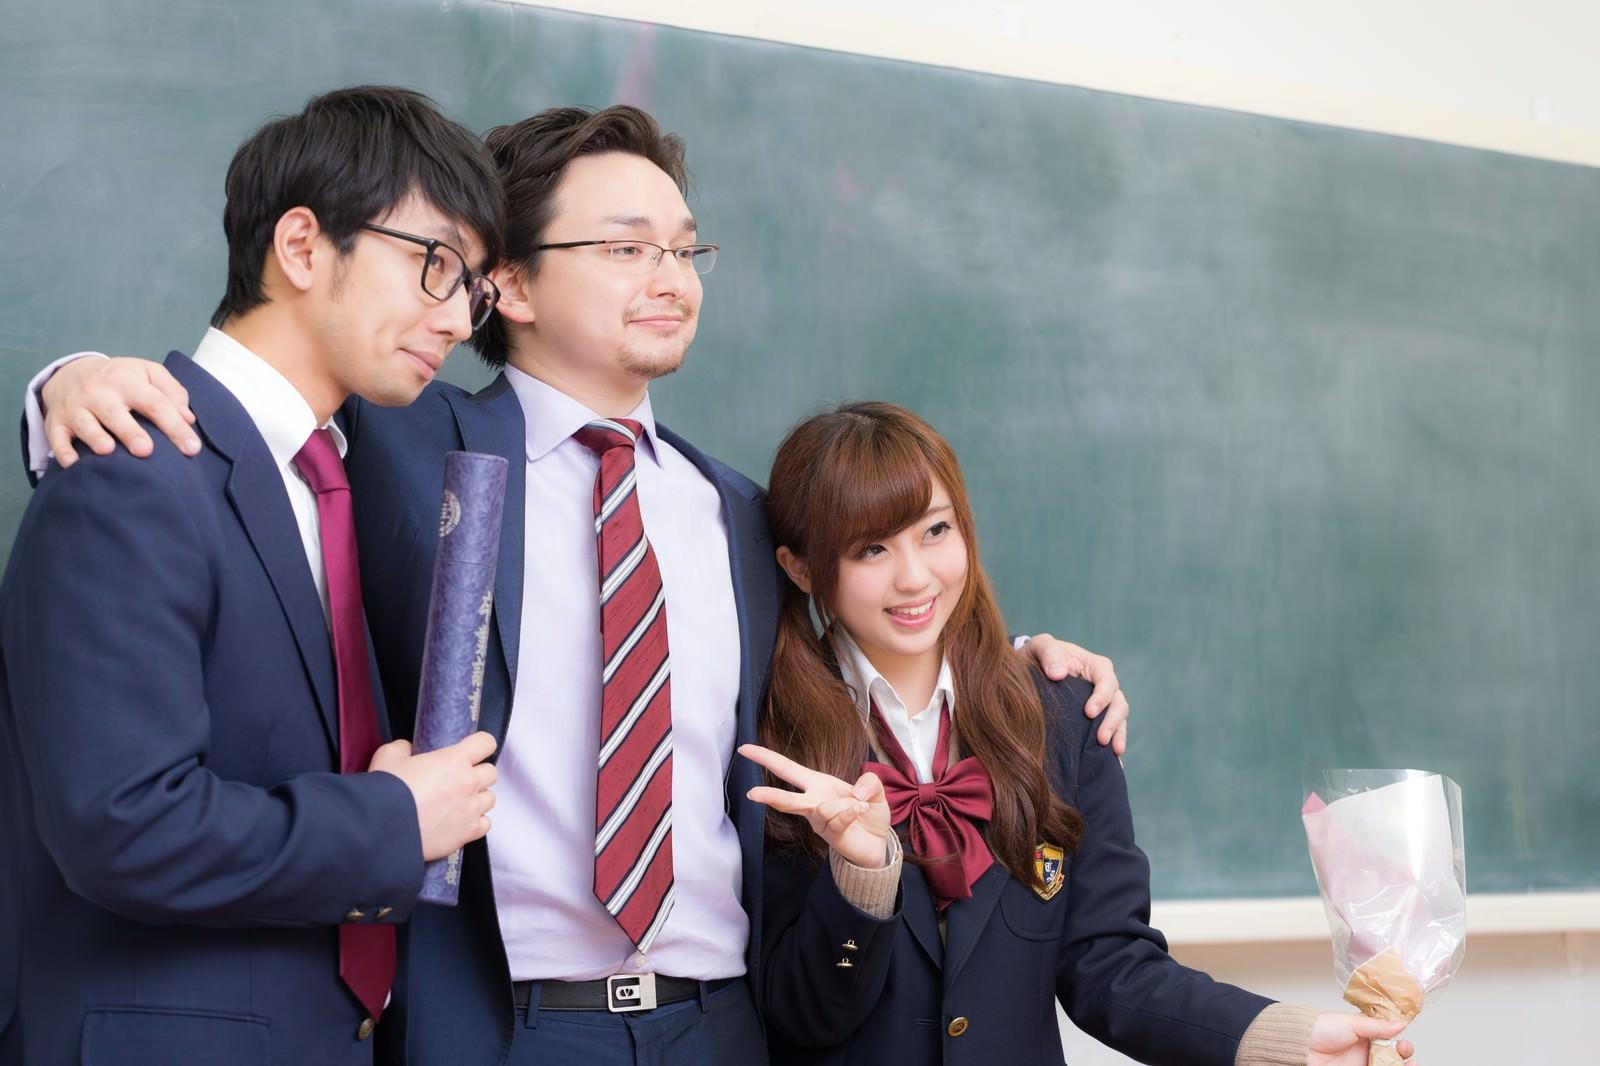 「卒業式の後に記念撮影をする教師と教え子」[モデル:大川竜弥 Max_Ezaki 河村友歌]